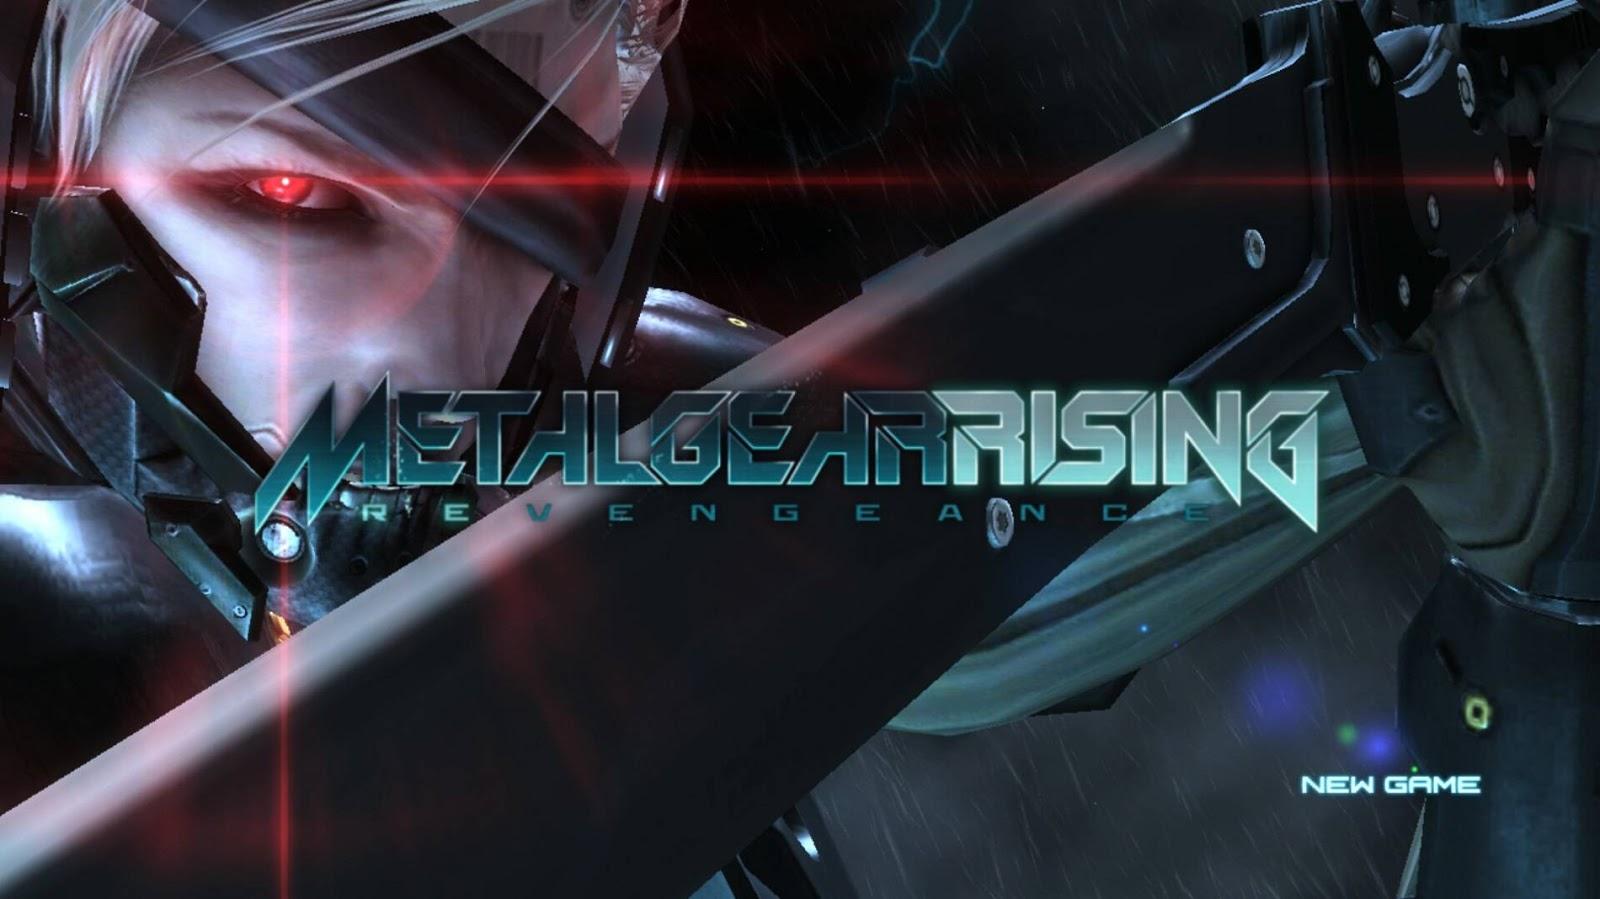 تحميل لعبة metal gear rising